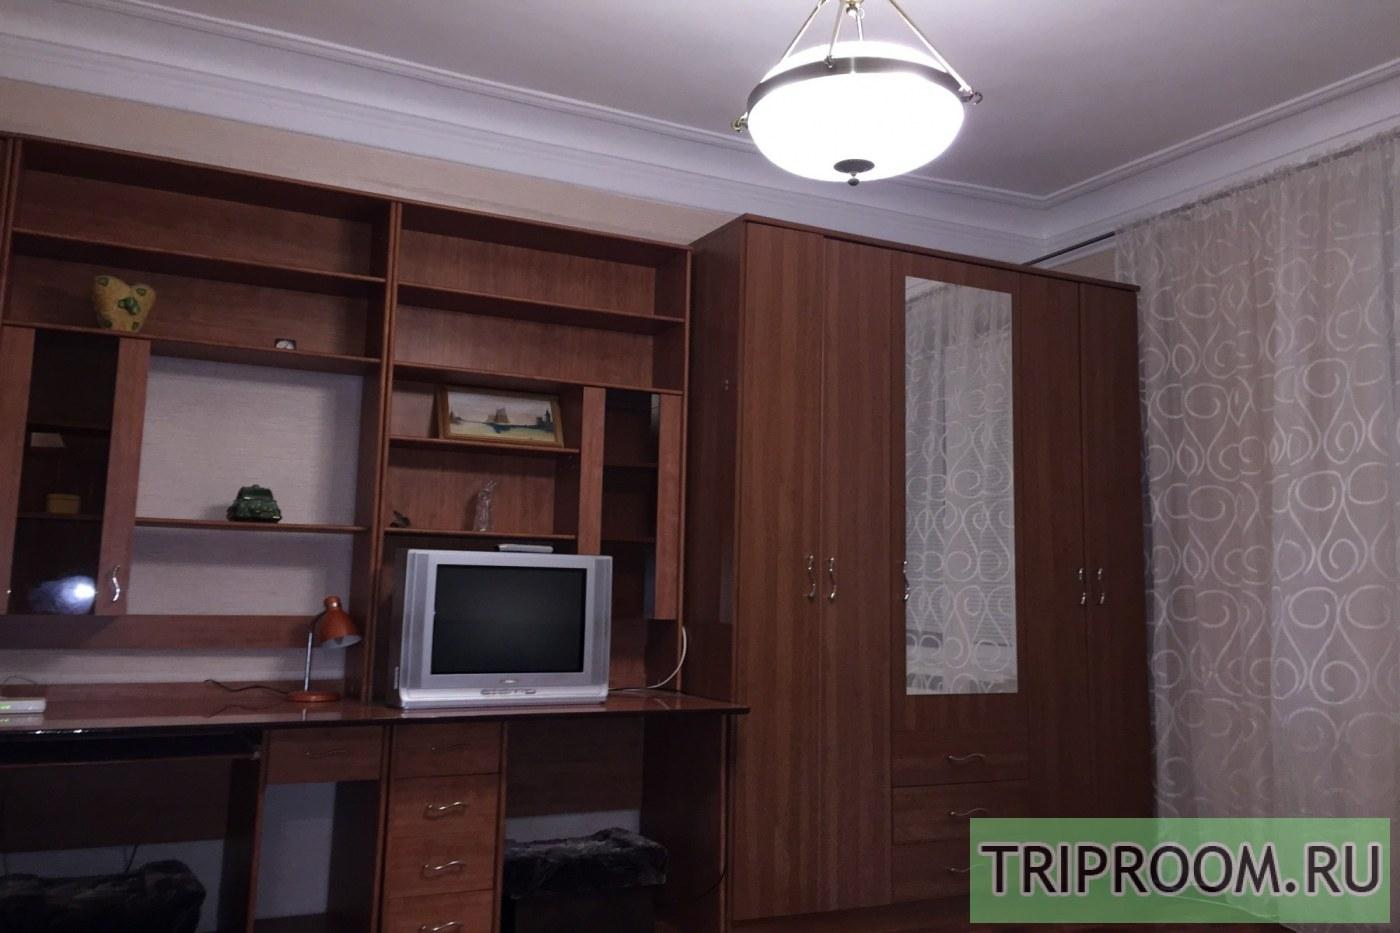 1-комнатная квартира посуточно (вариант № 37884), ул. Советская улица, фото № 2